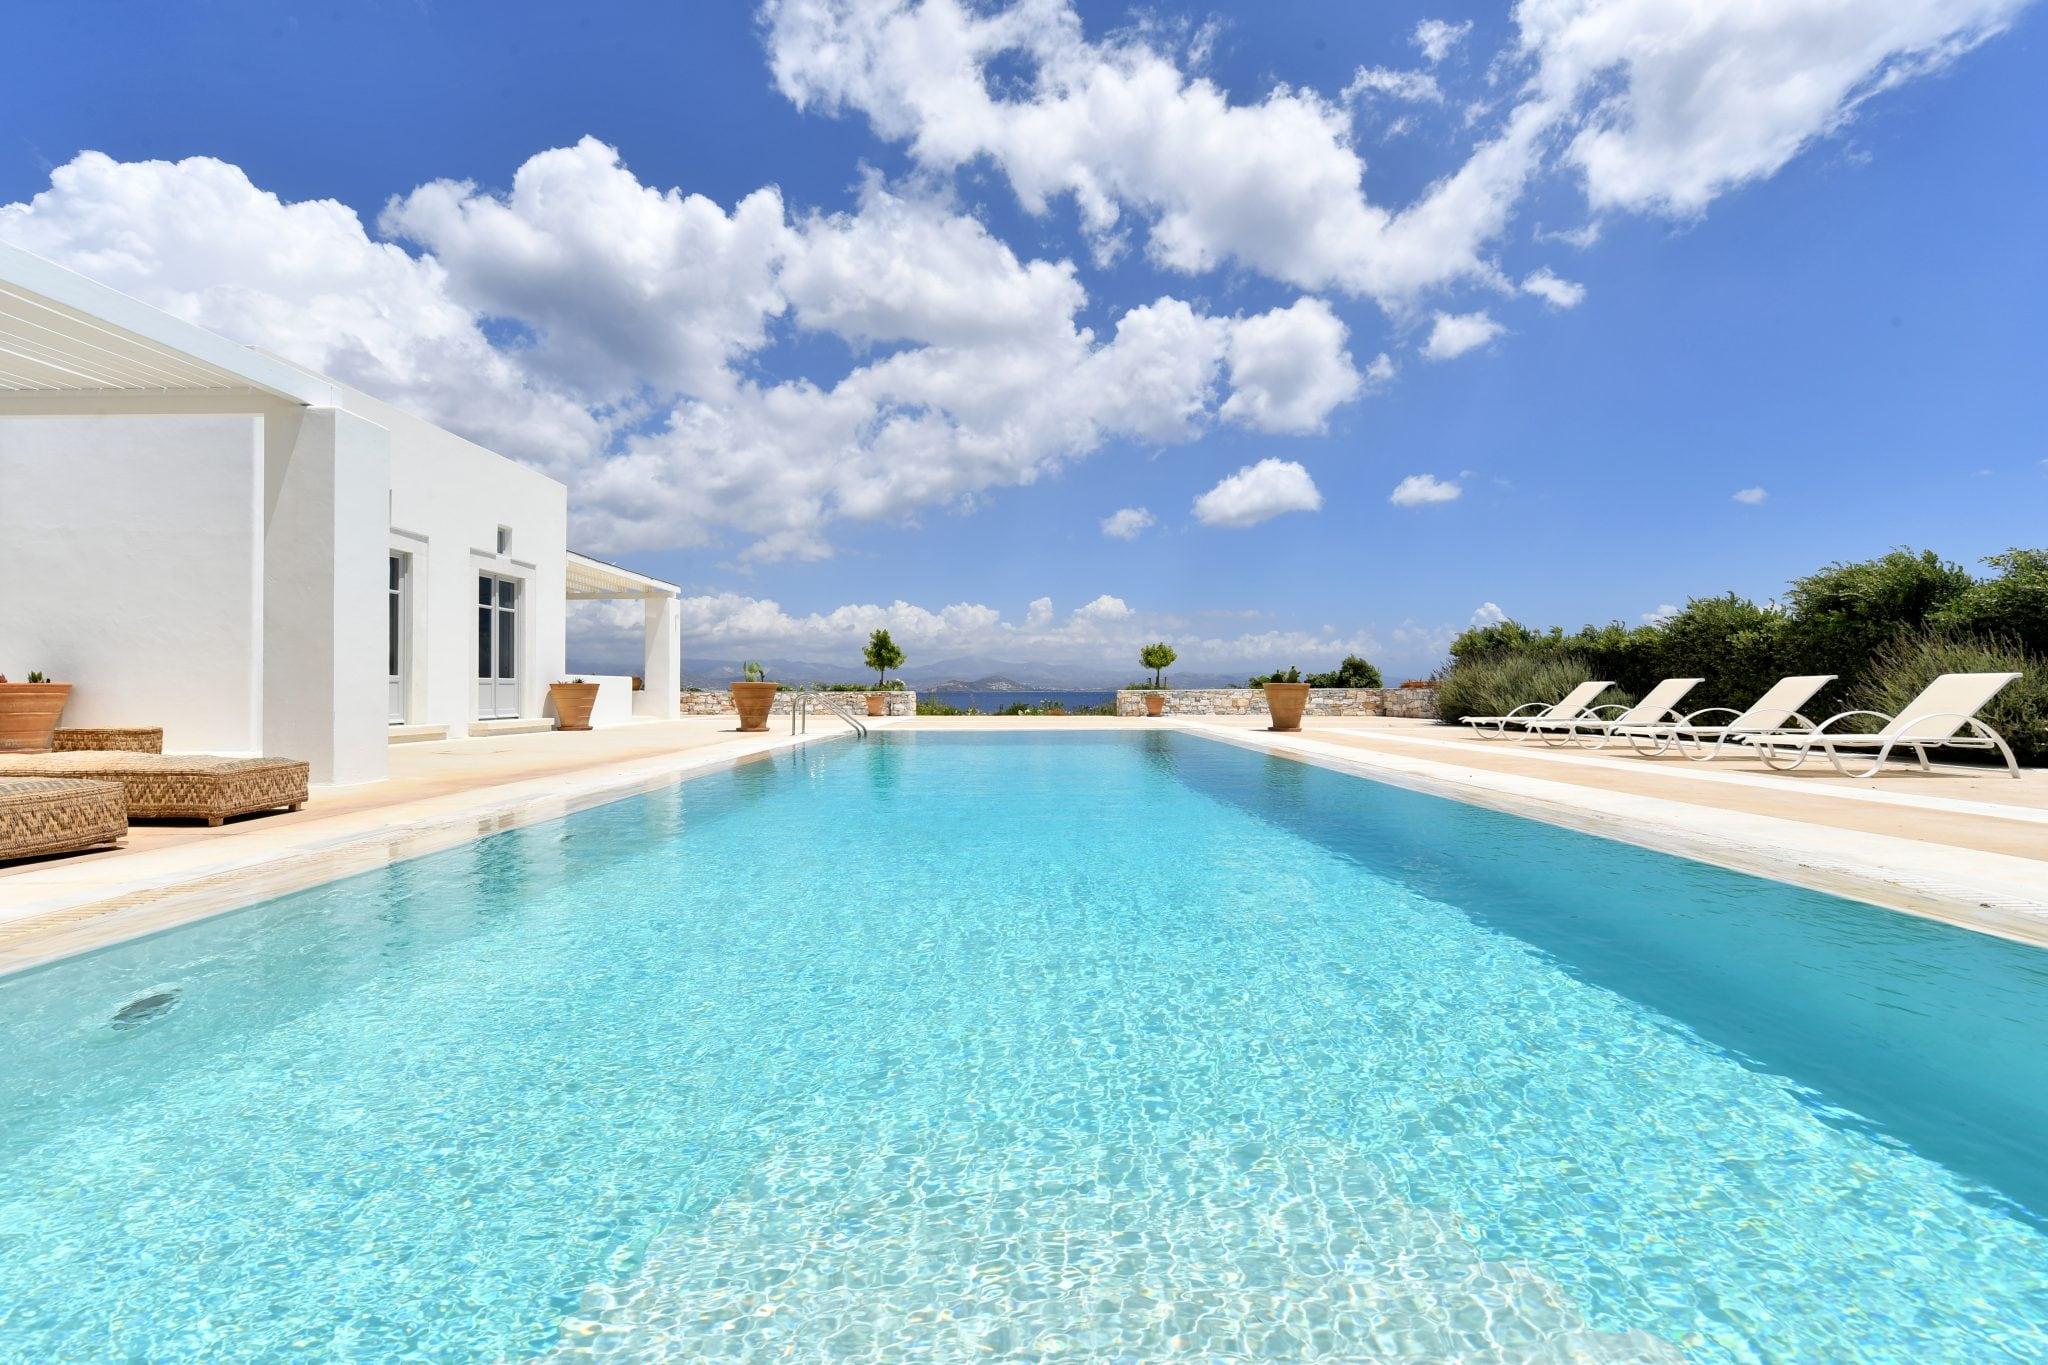 Maison, Paros - Ref GR-4786